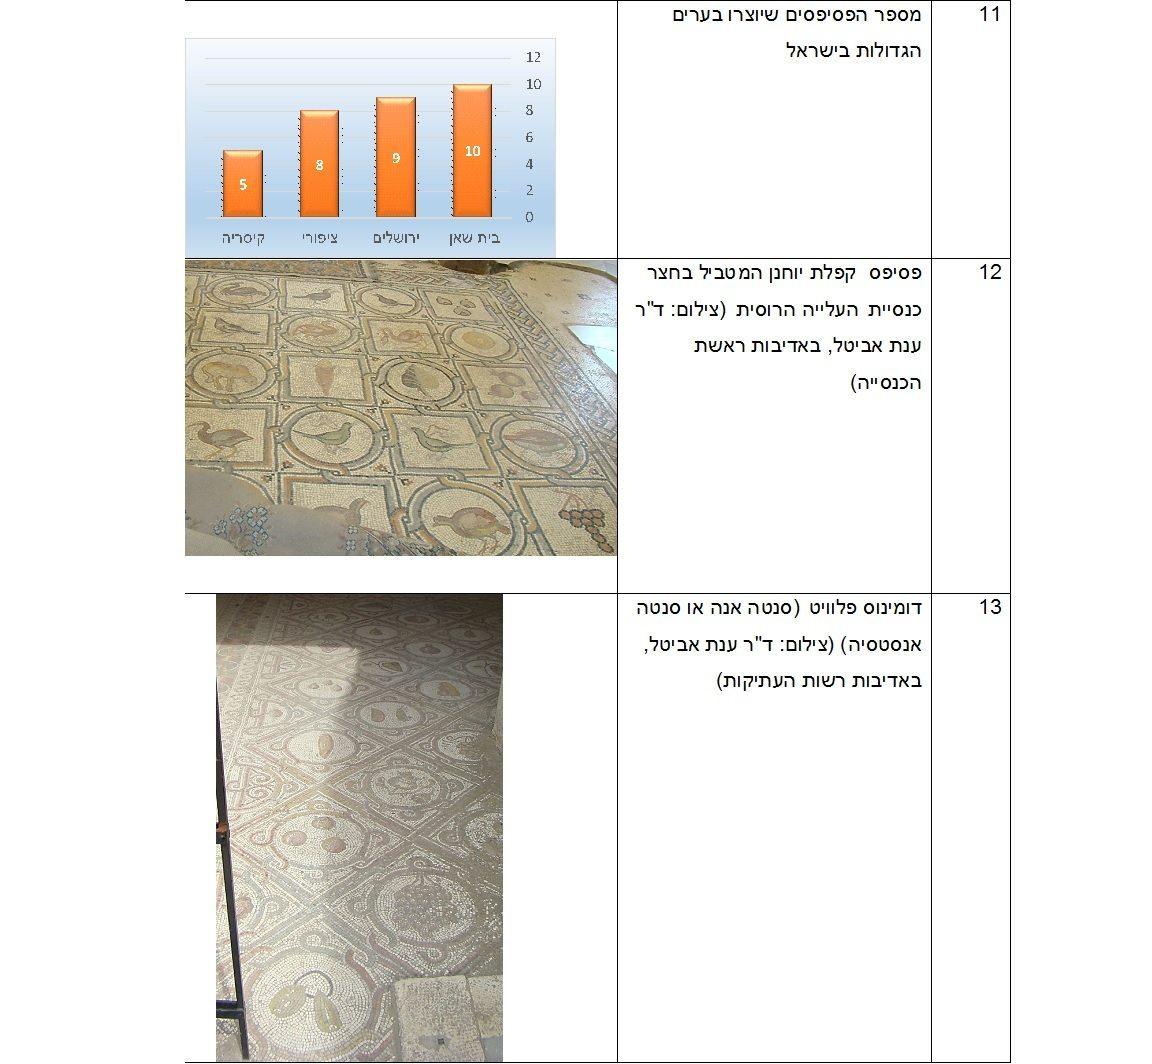 תיאורי חקלאות בפסיפסים מירושלים ויהודה בתקופות הרומית והביזנטית, טבלת איורים 11-13 כנס ירושלים 22, ינואר 2017